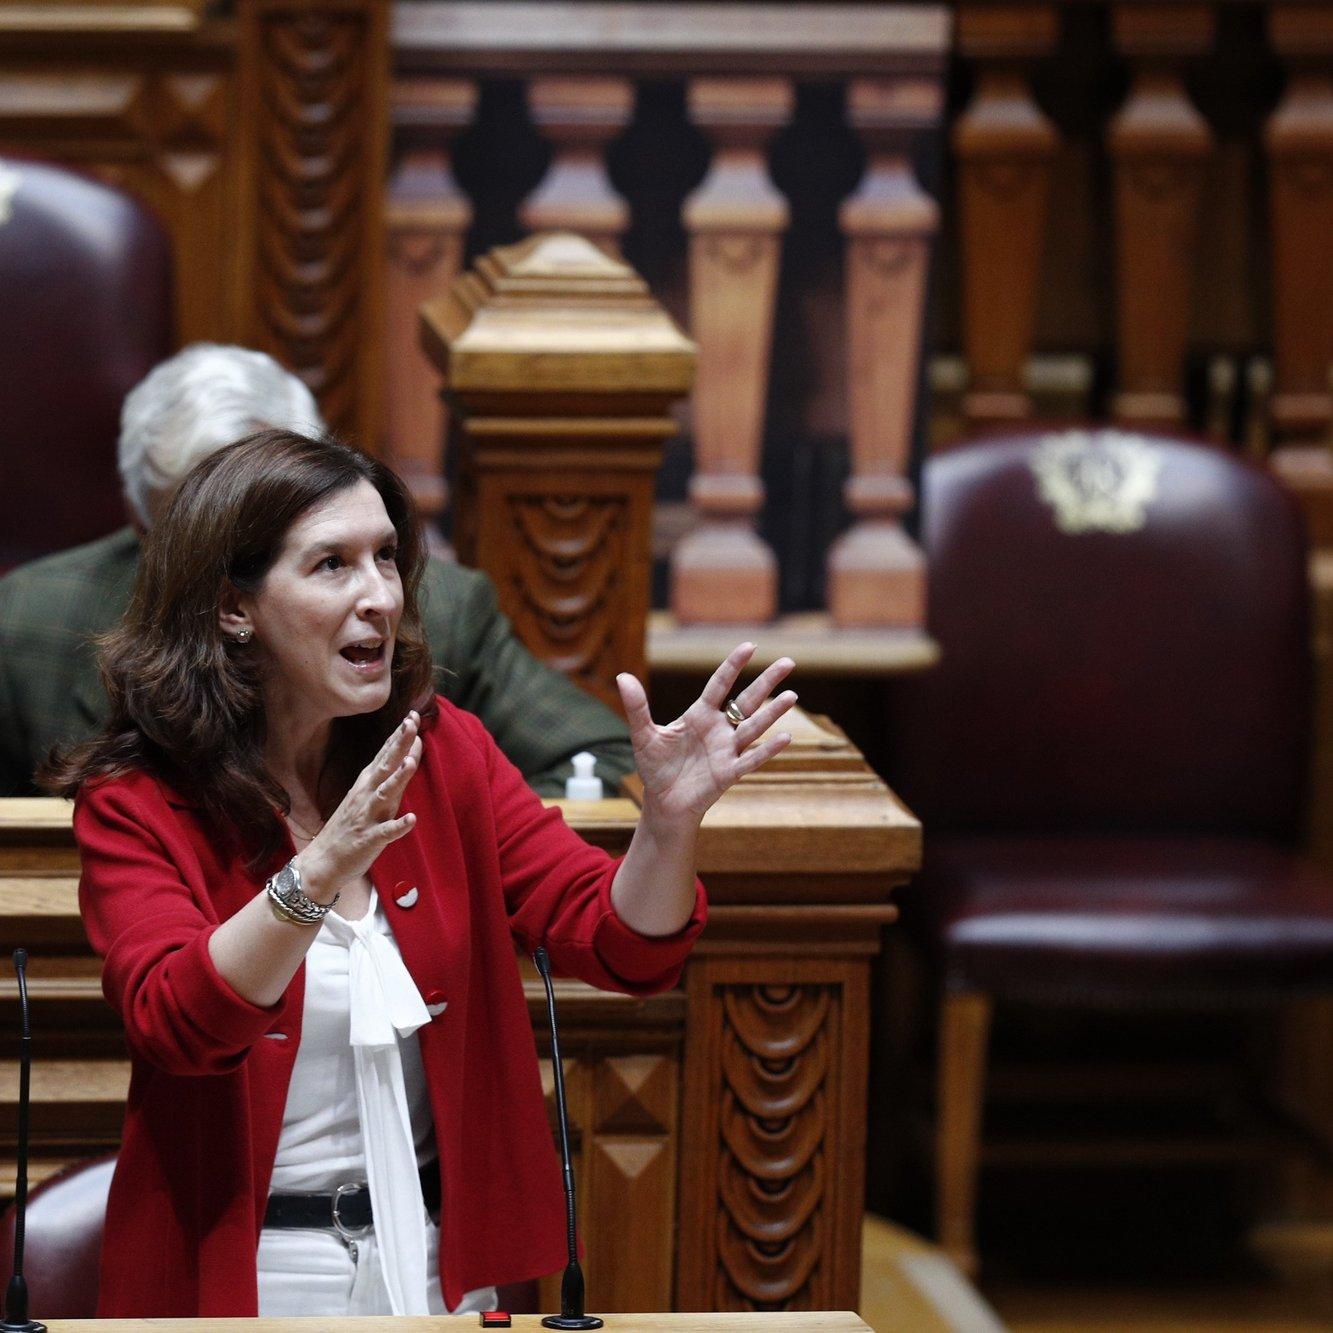 A deputada do CDS-PP, Cecília Meireles, intervém durante o debate sobre política geral, que decorreu na Assembleia da República, em Lisboa, 07 de junho de 2021. ANTÓNIO COTRIM/LUSA